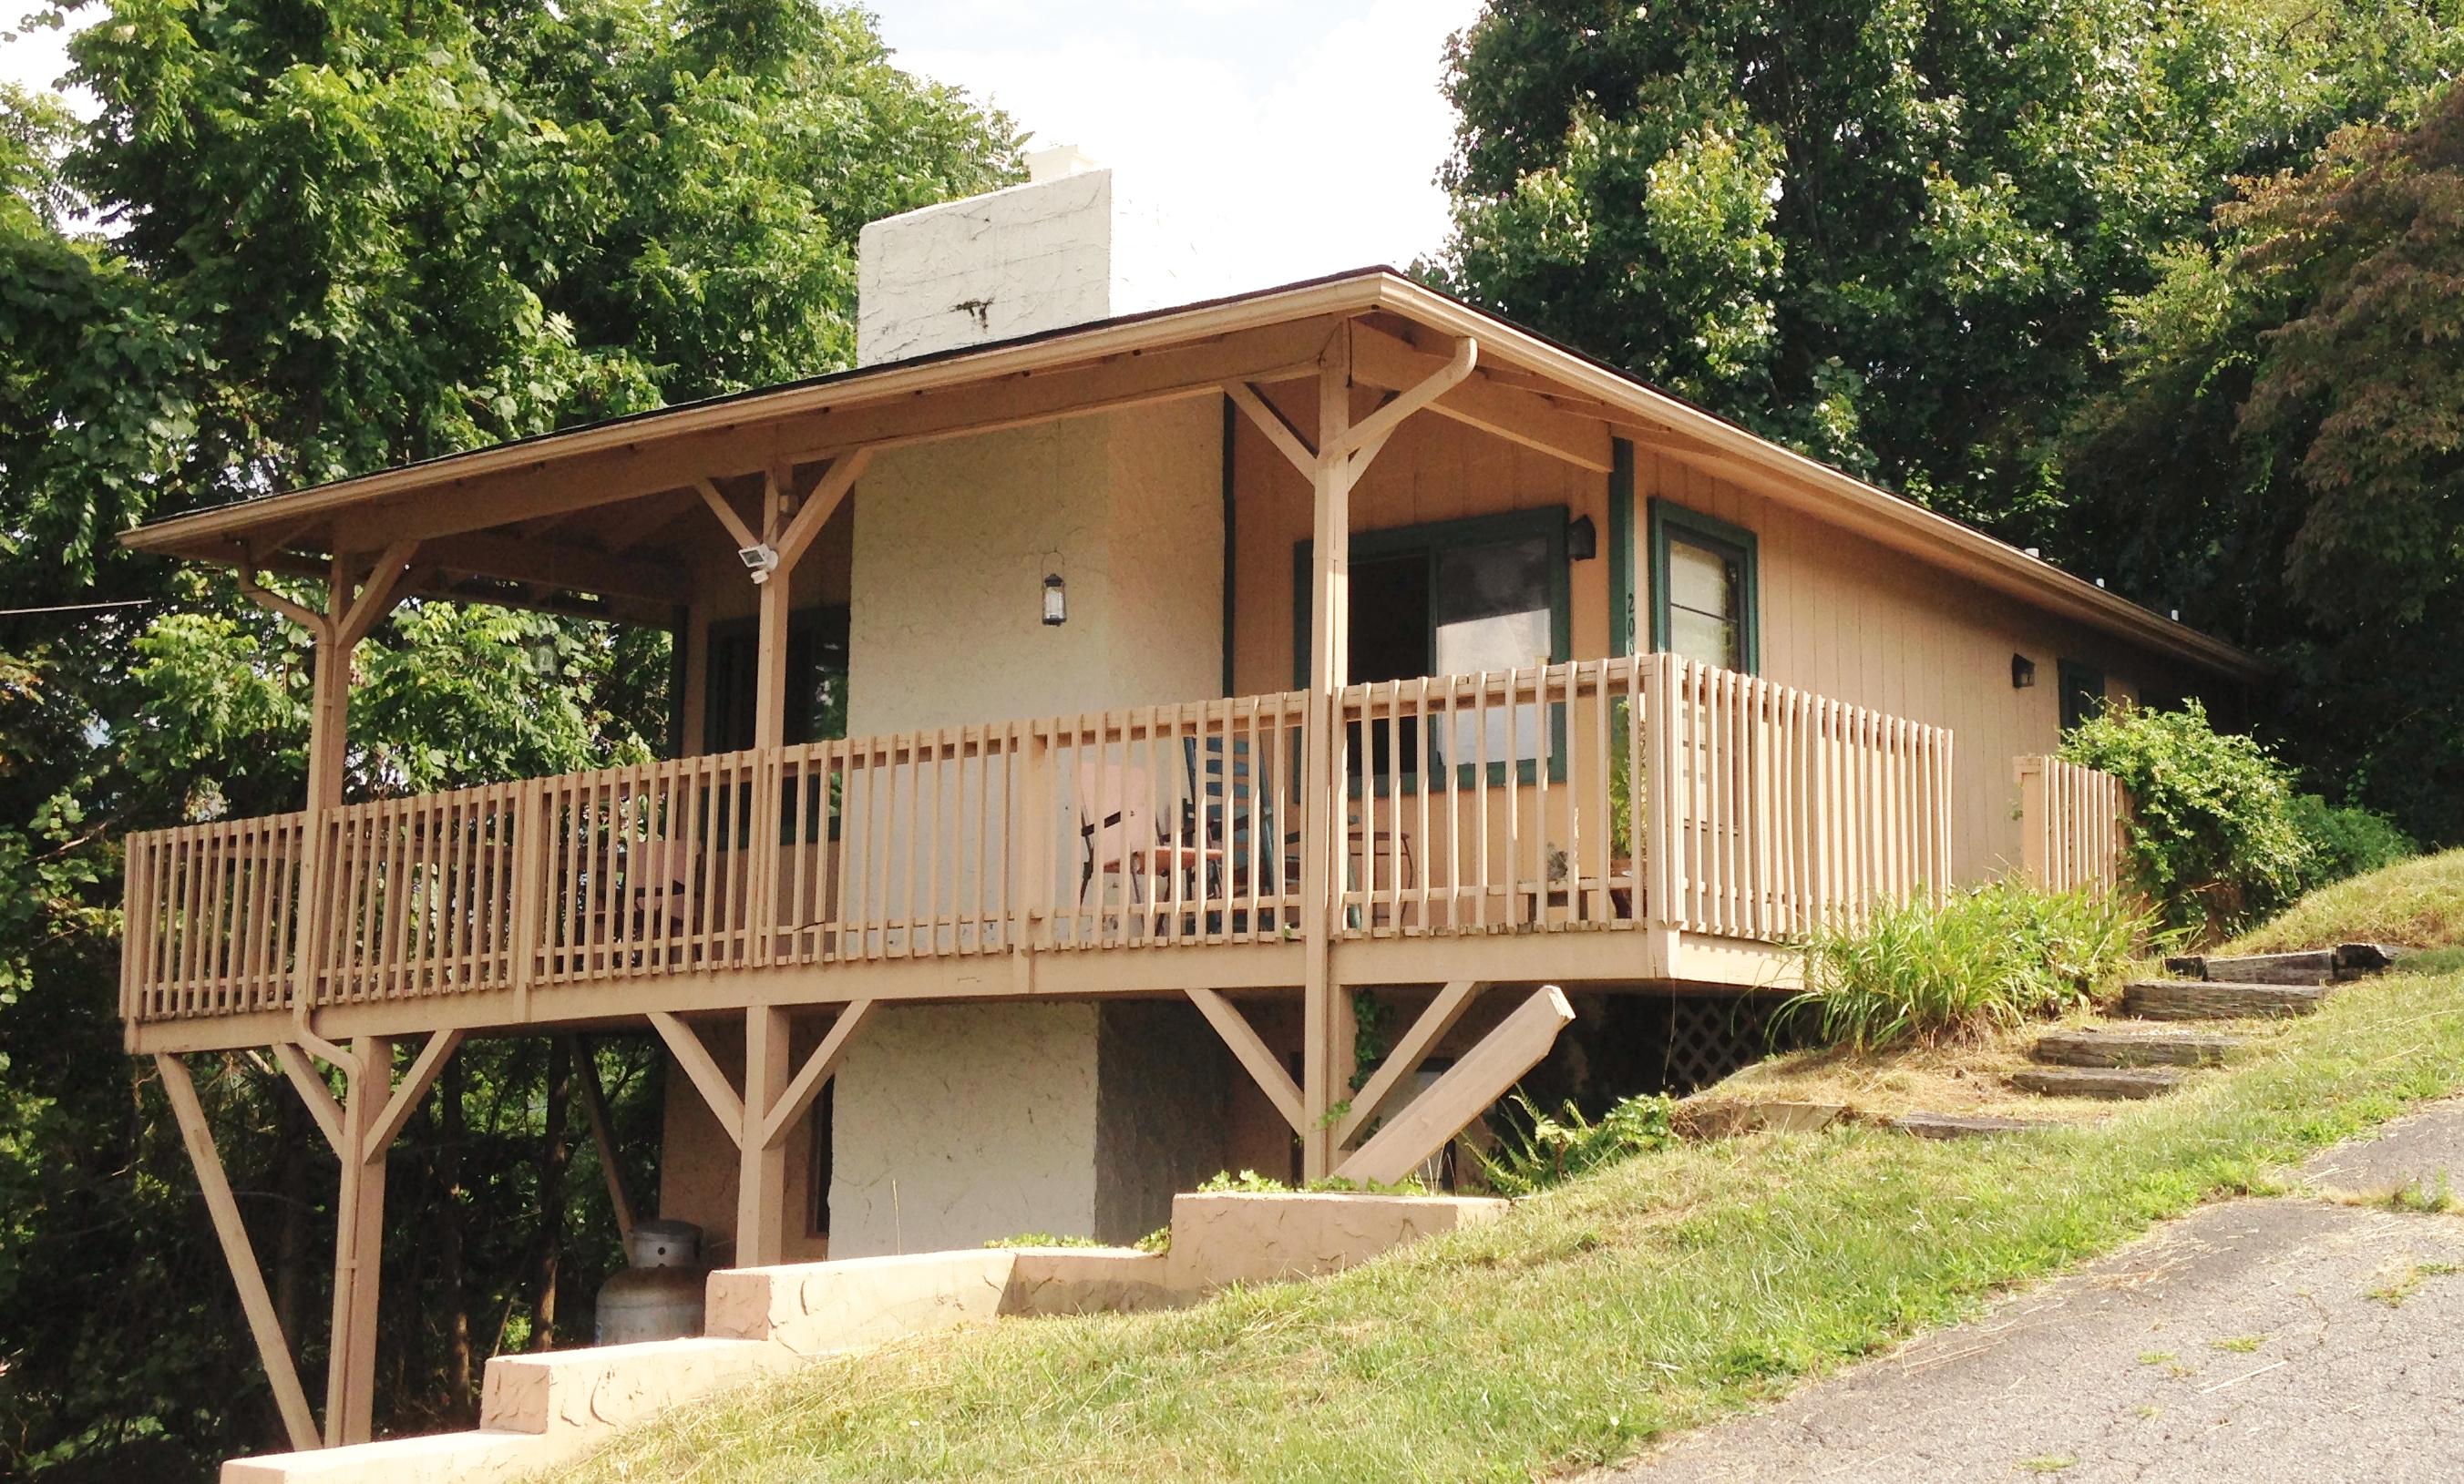 209 Lloyds Mtn Ridge, Waynesville